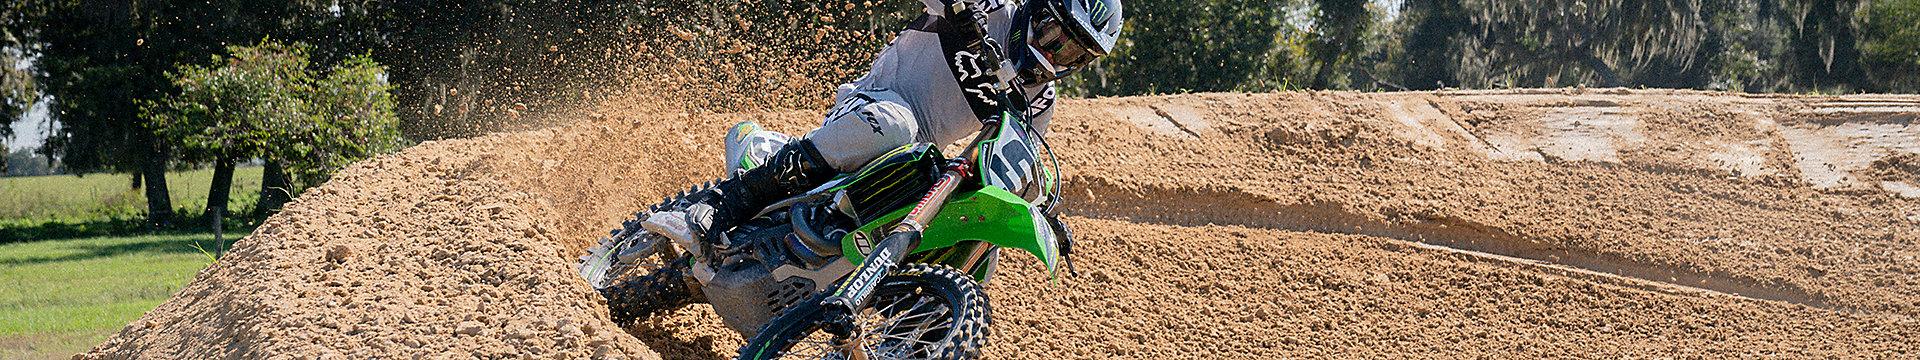 Fox Motocross STØVLER